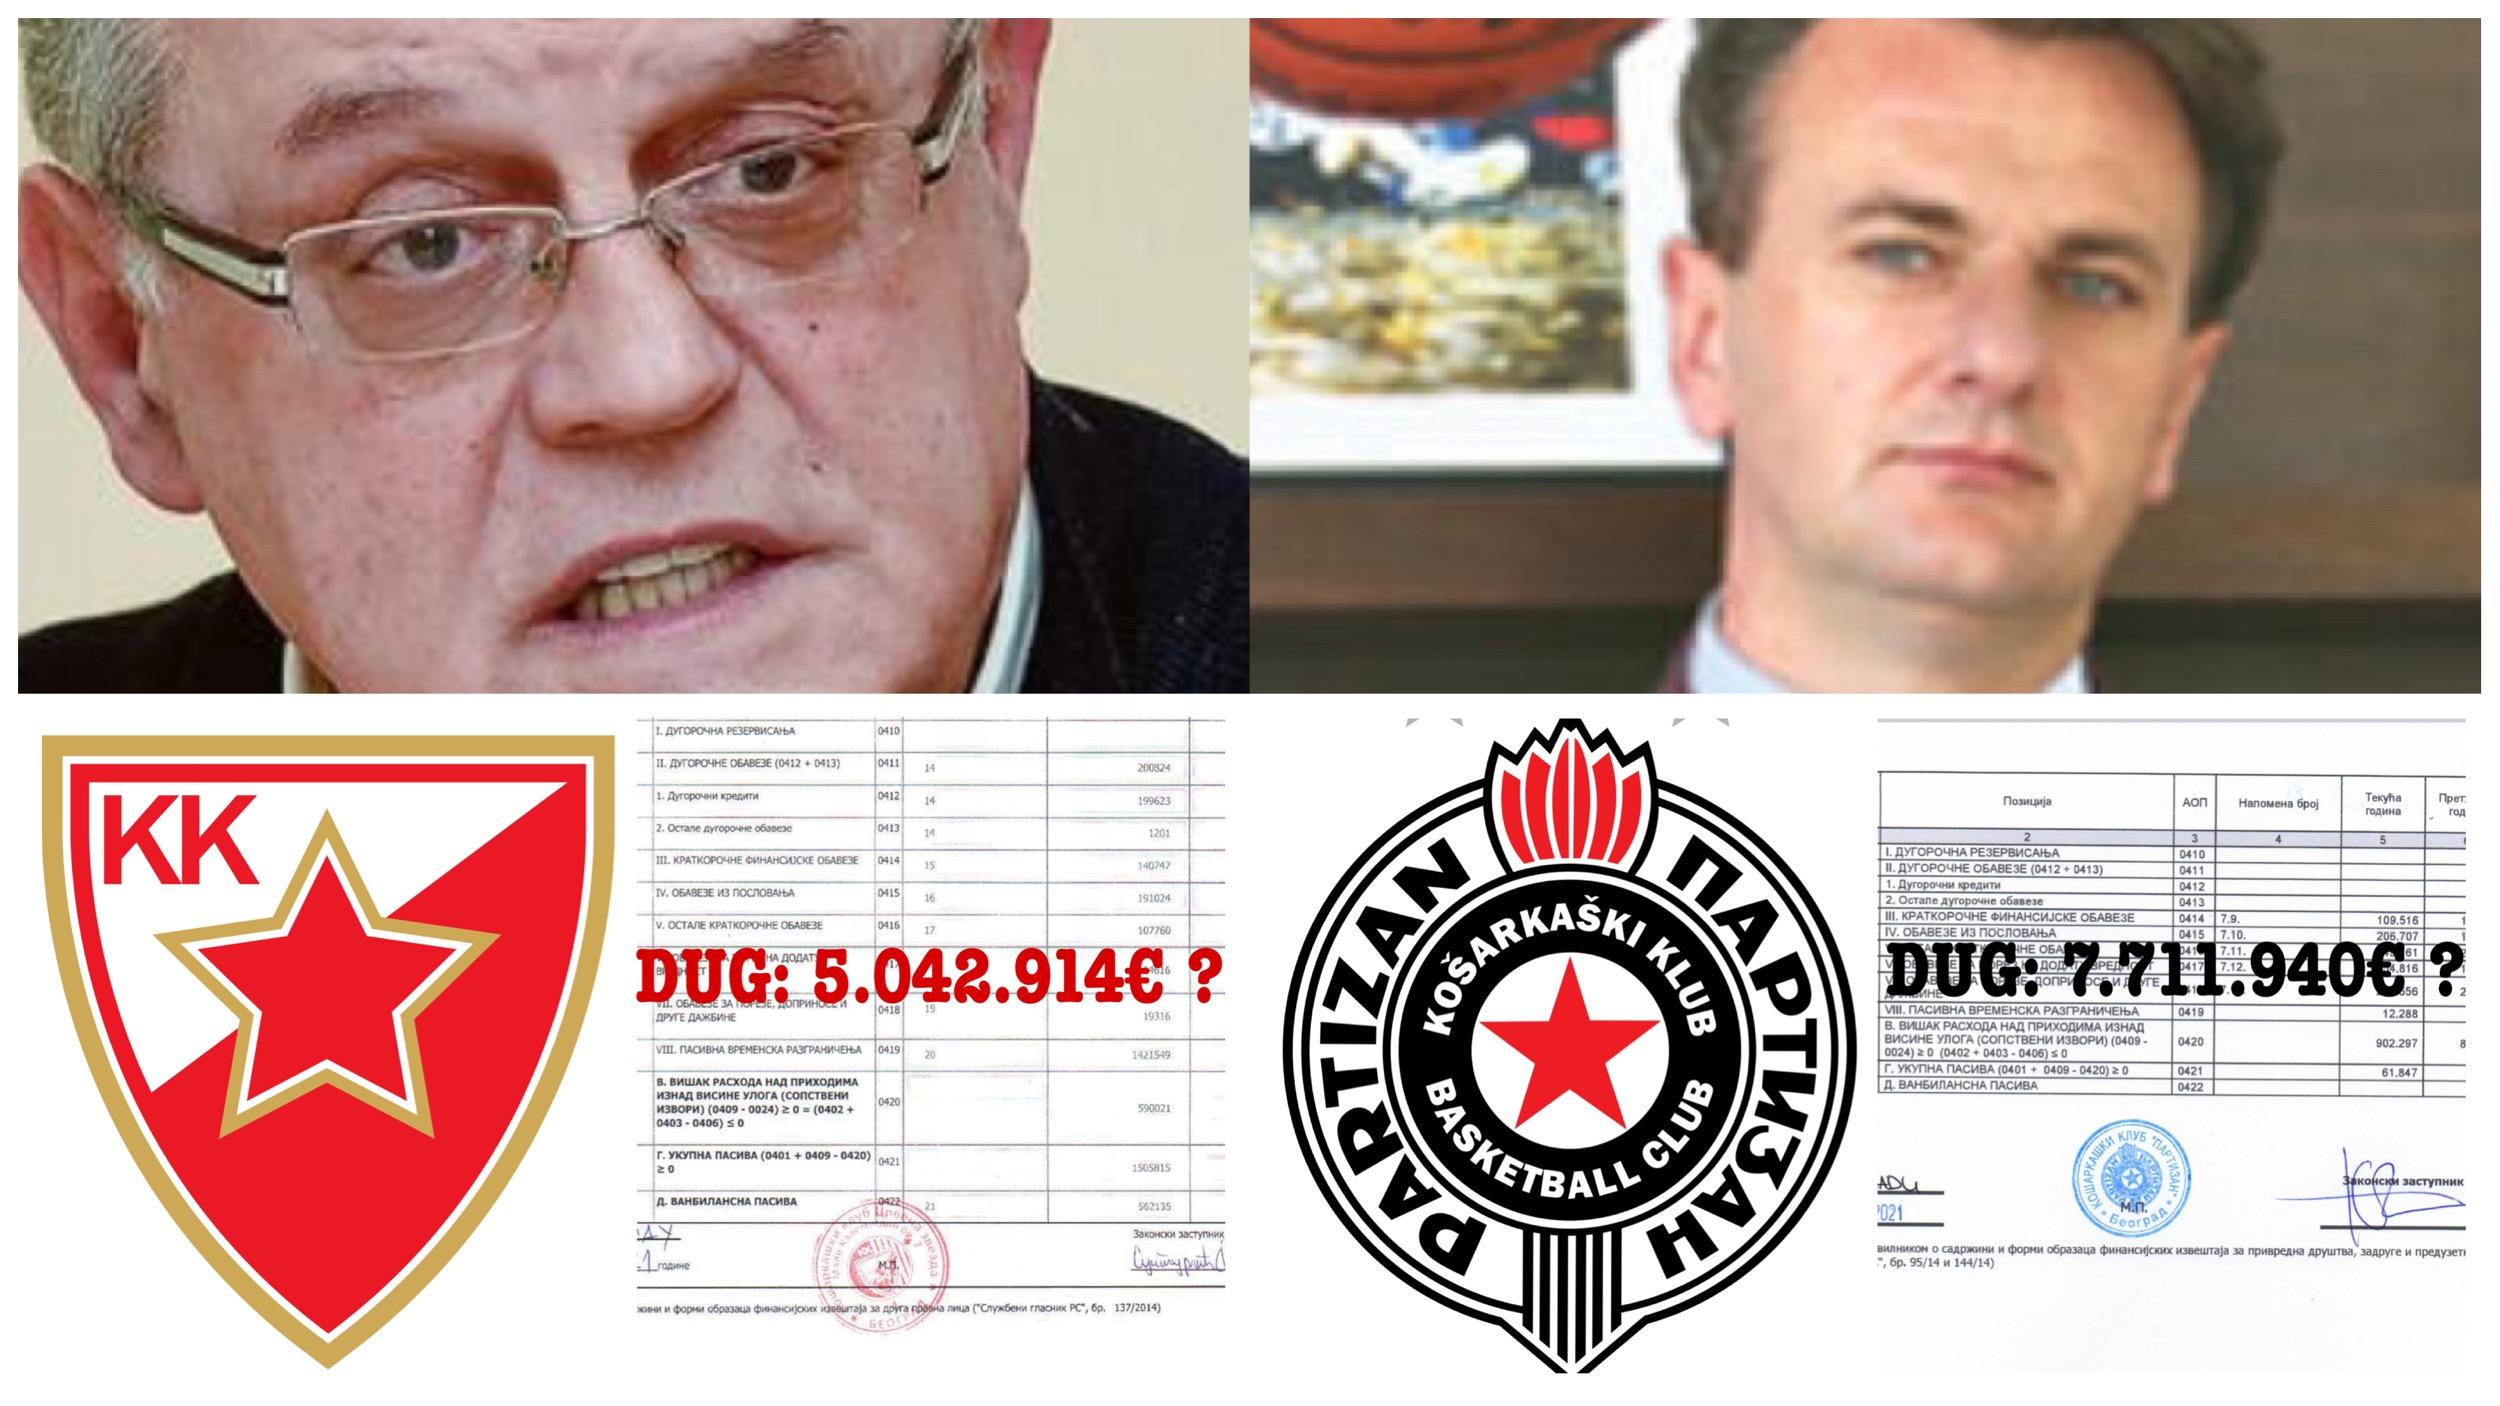 Željko Pantić: Analiza-Finansijski izveštaji KK Crvena zvezda i KK Partizan za 2020.godinu (VIDEO)